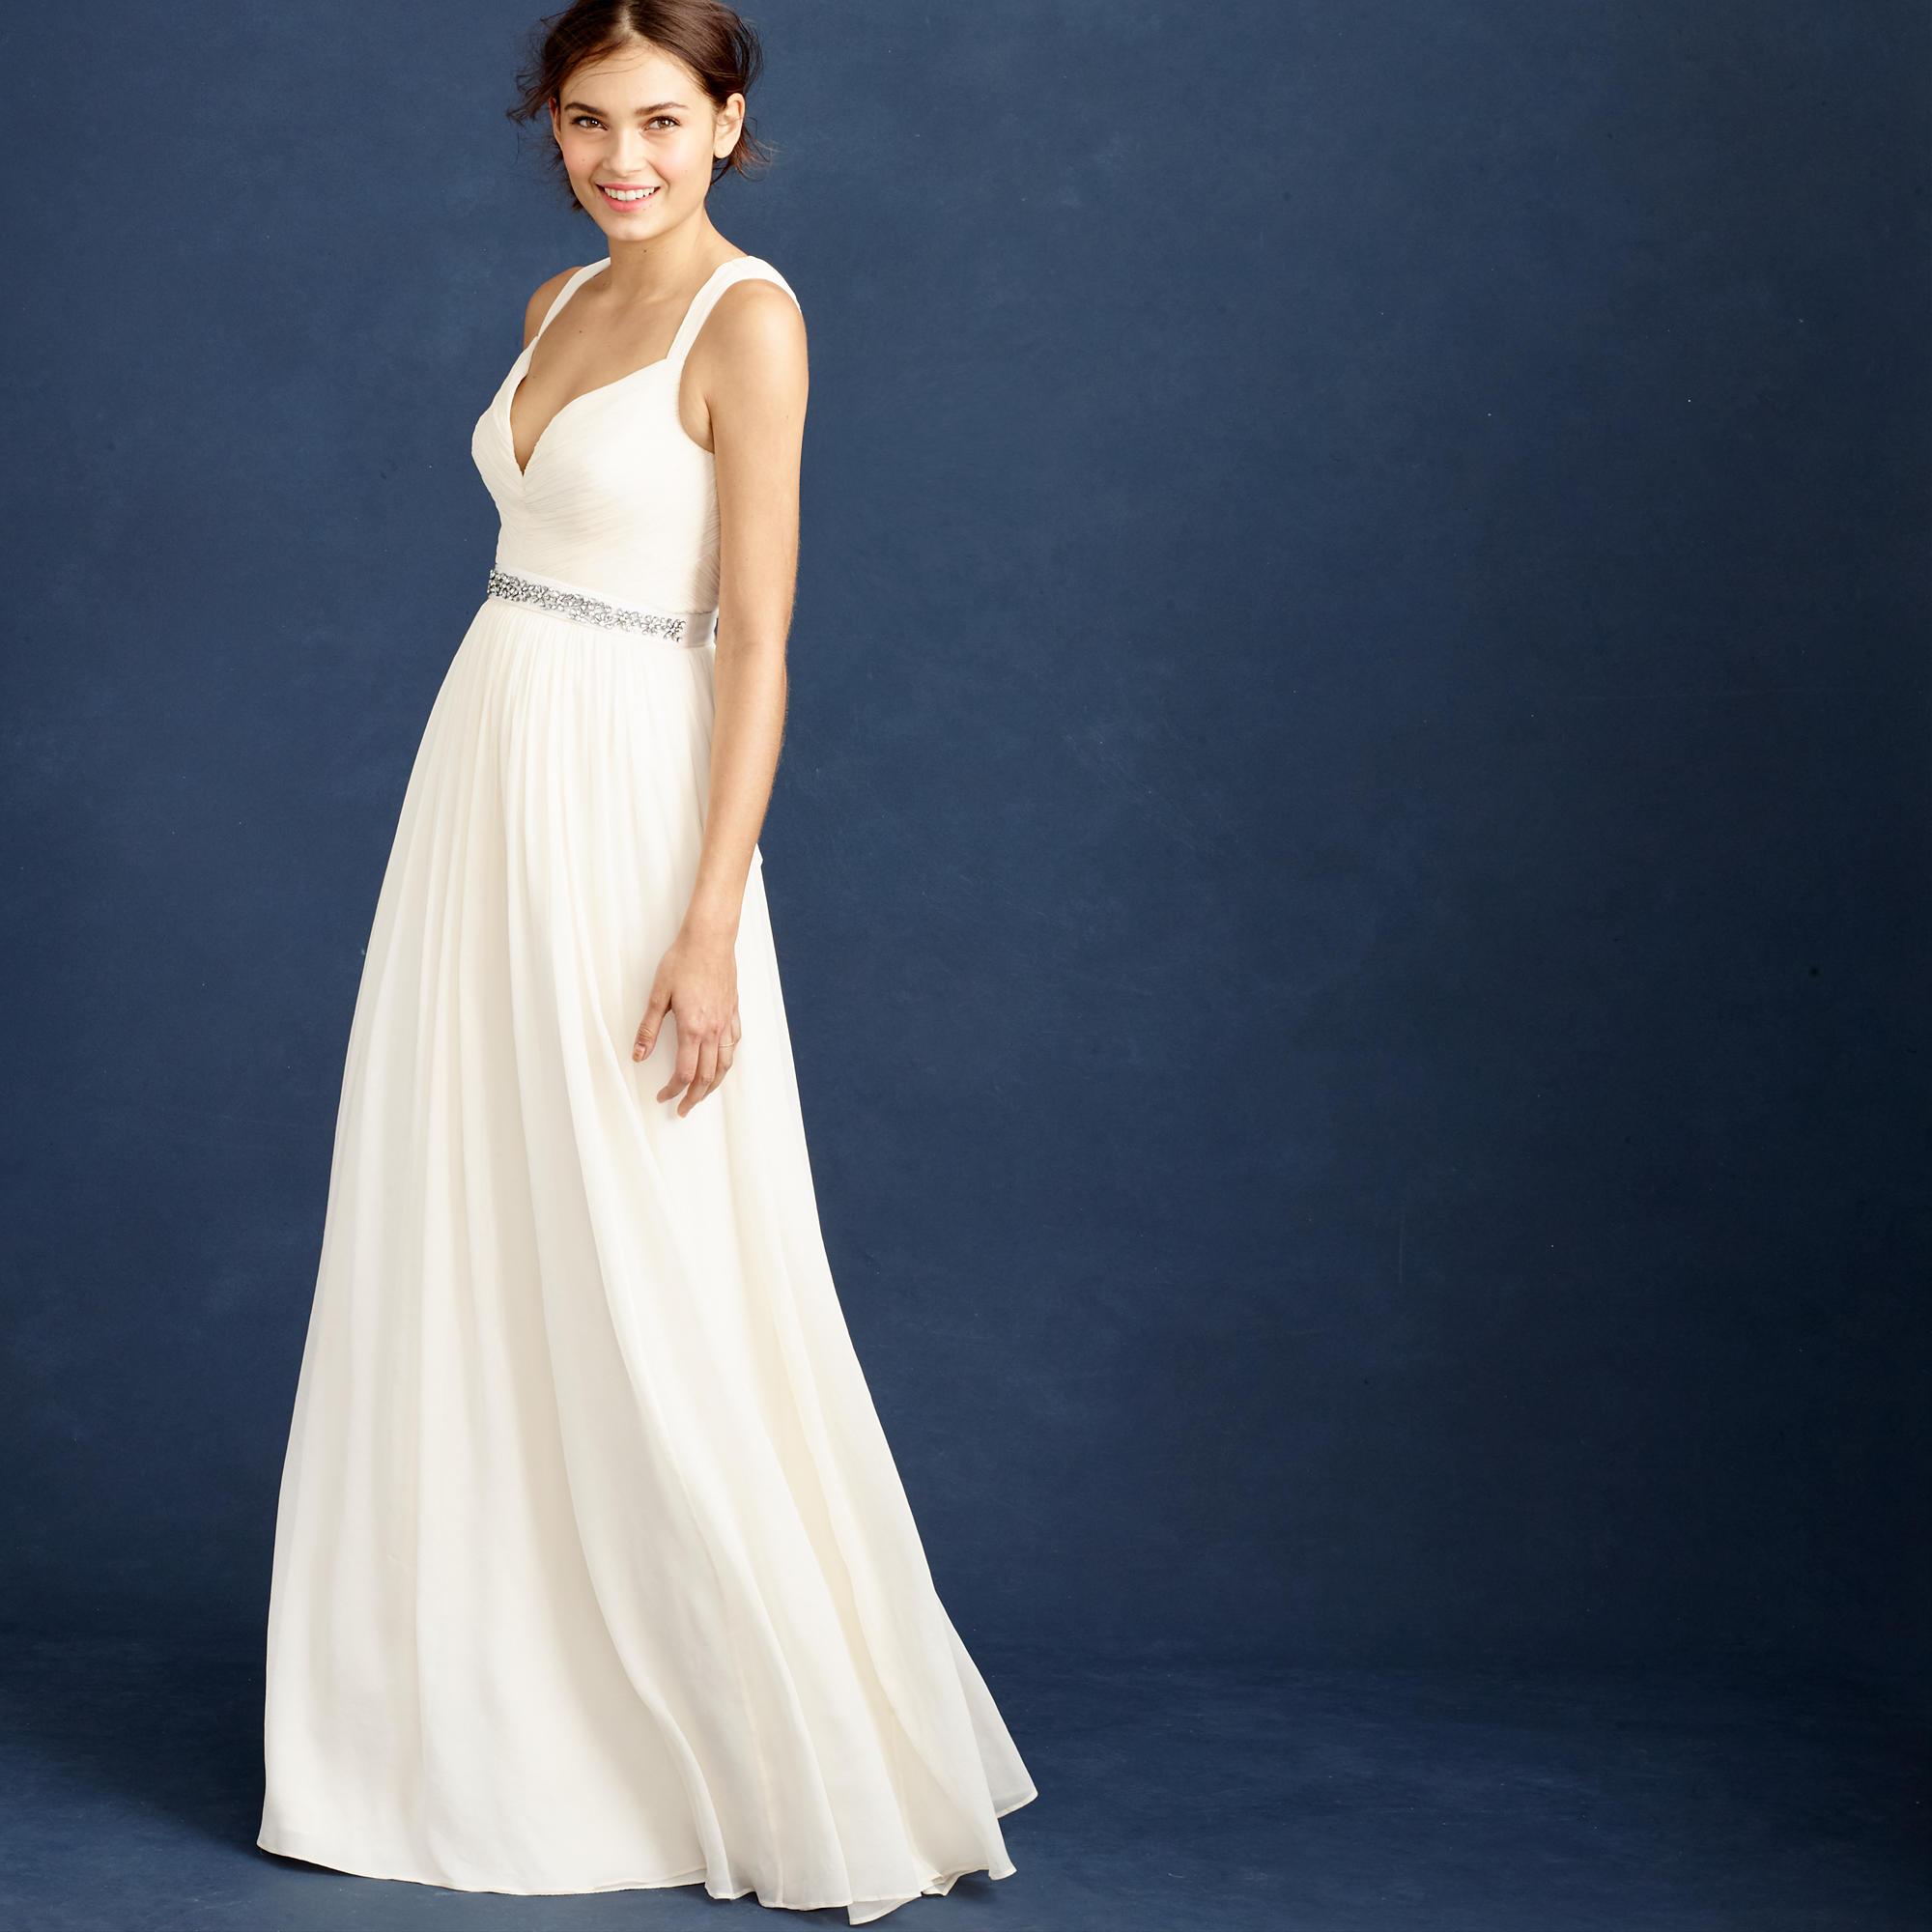 C j crew wedding dress Gigi gown